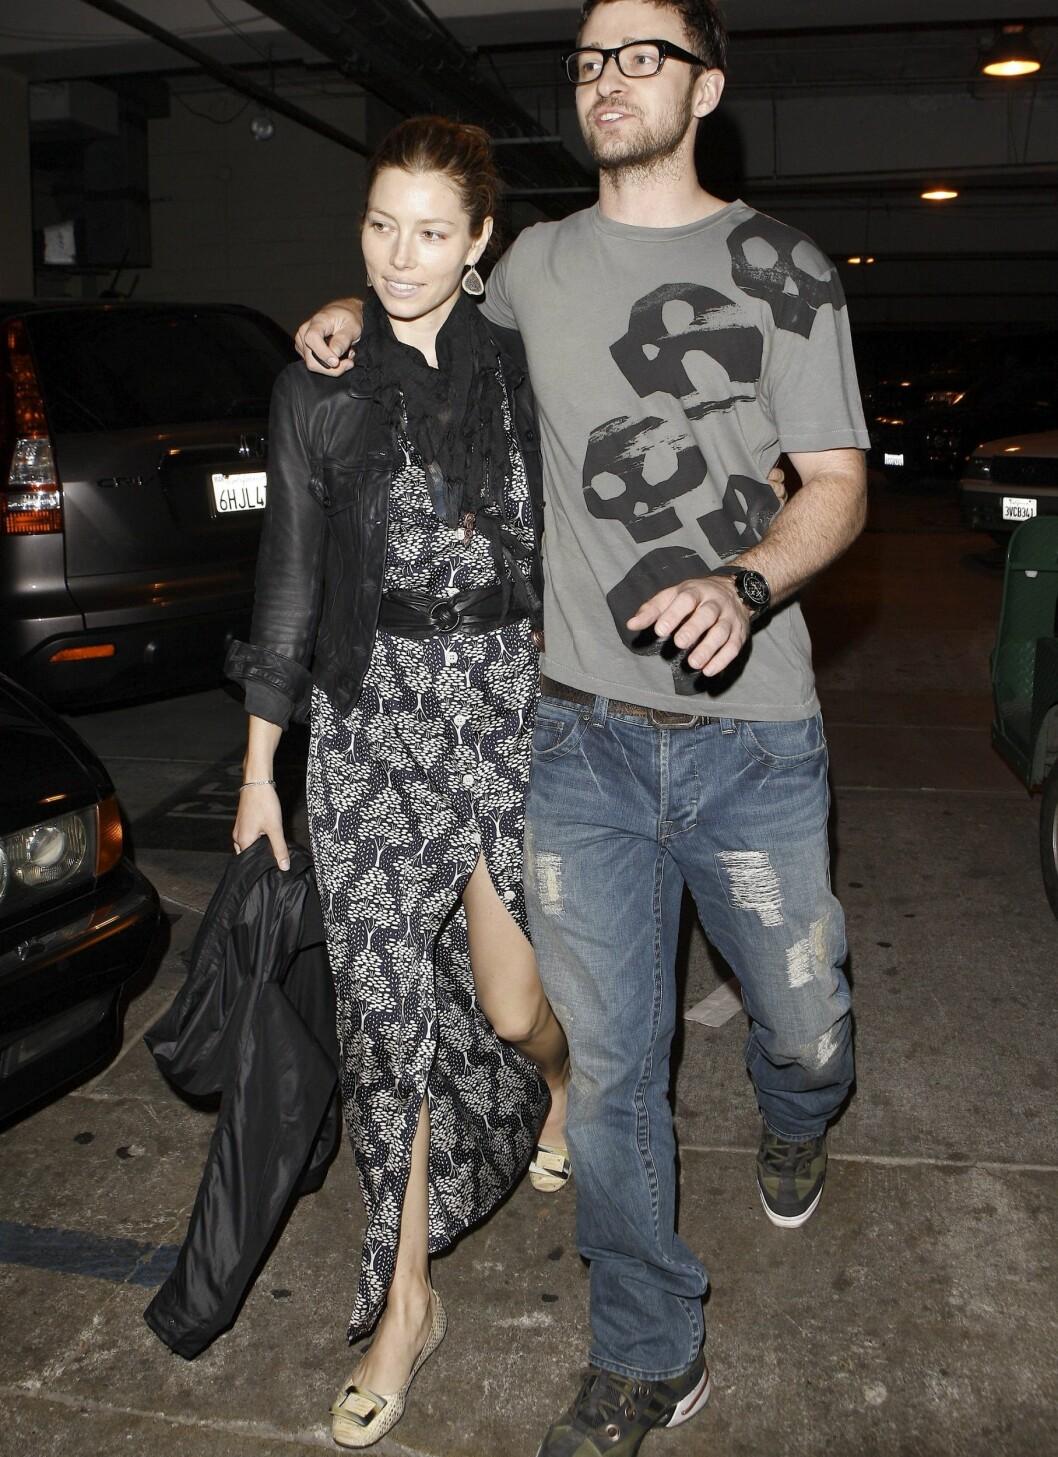 Justin Timberlake og Jessica Biel har kledd seg i harmonerende farger. Til og med Justins briller går pent inn i den grå og svarte looken.  Foto: All Over Press